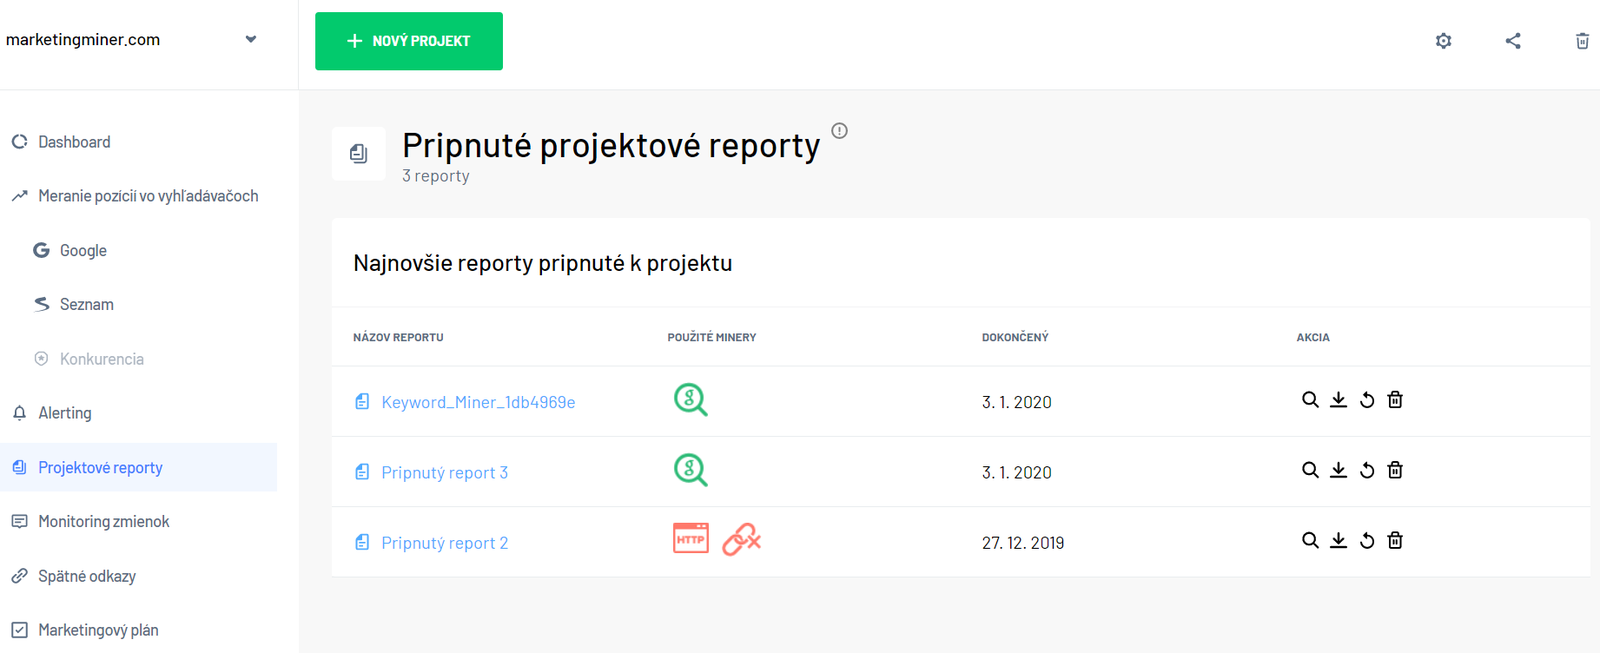 Sekcia pripnuté projektové reporty